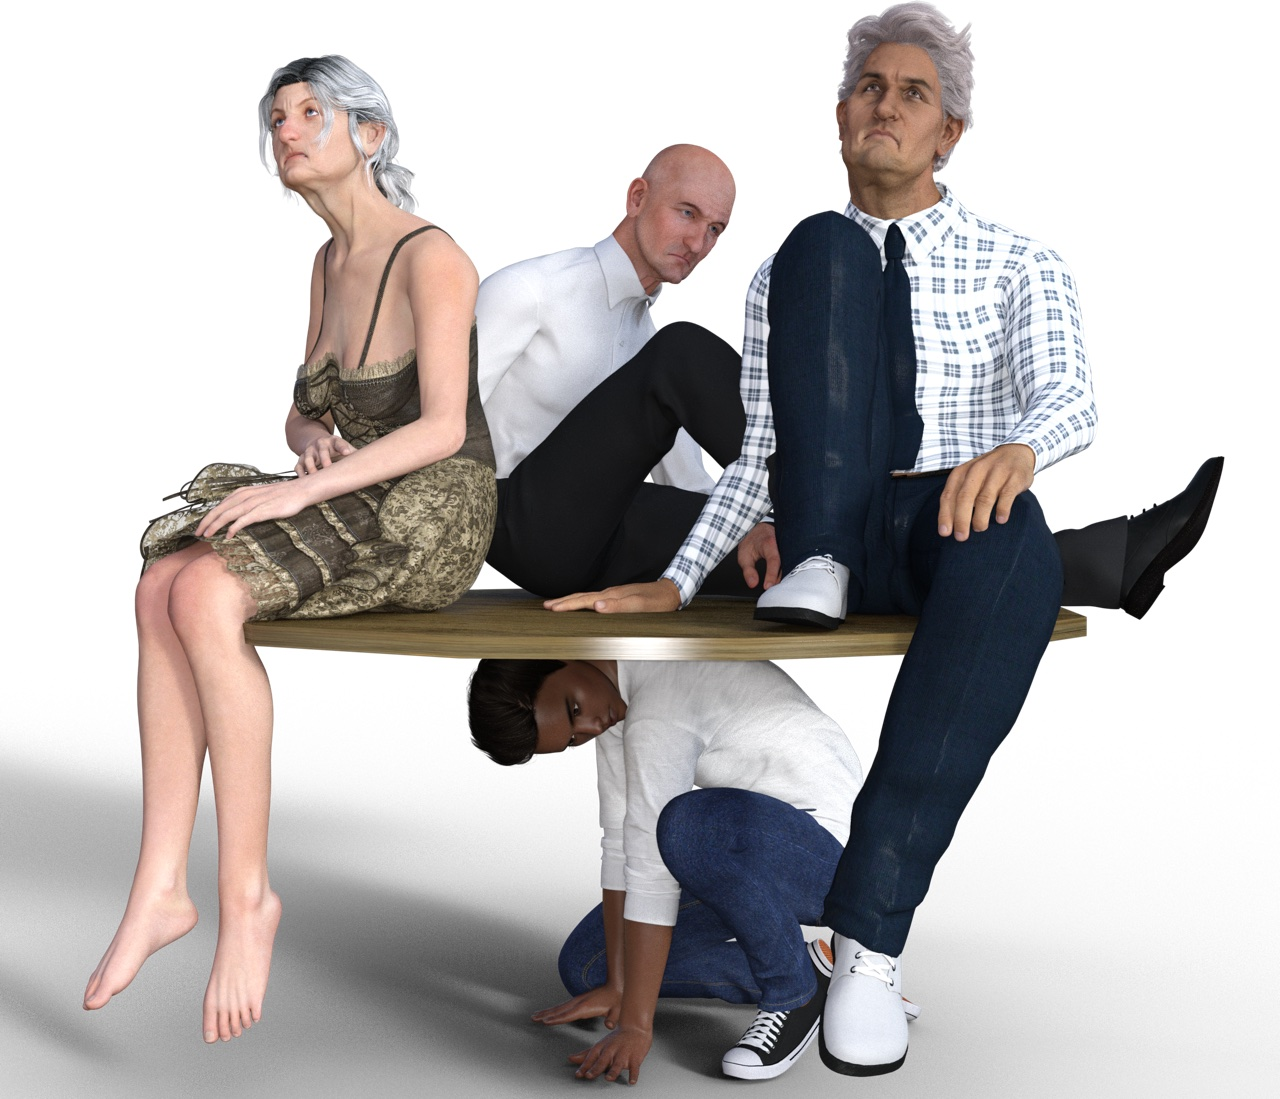 Die Rente 2030 wie sie oft dargestellt wird: Wenige tragen die Last und sind überfordert